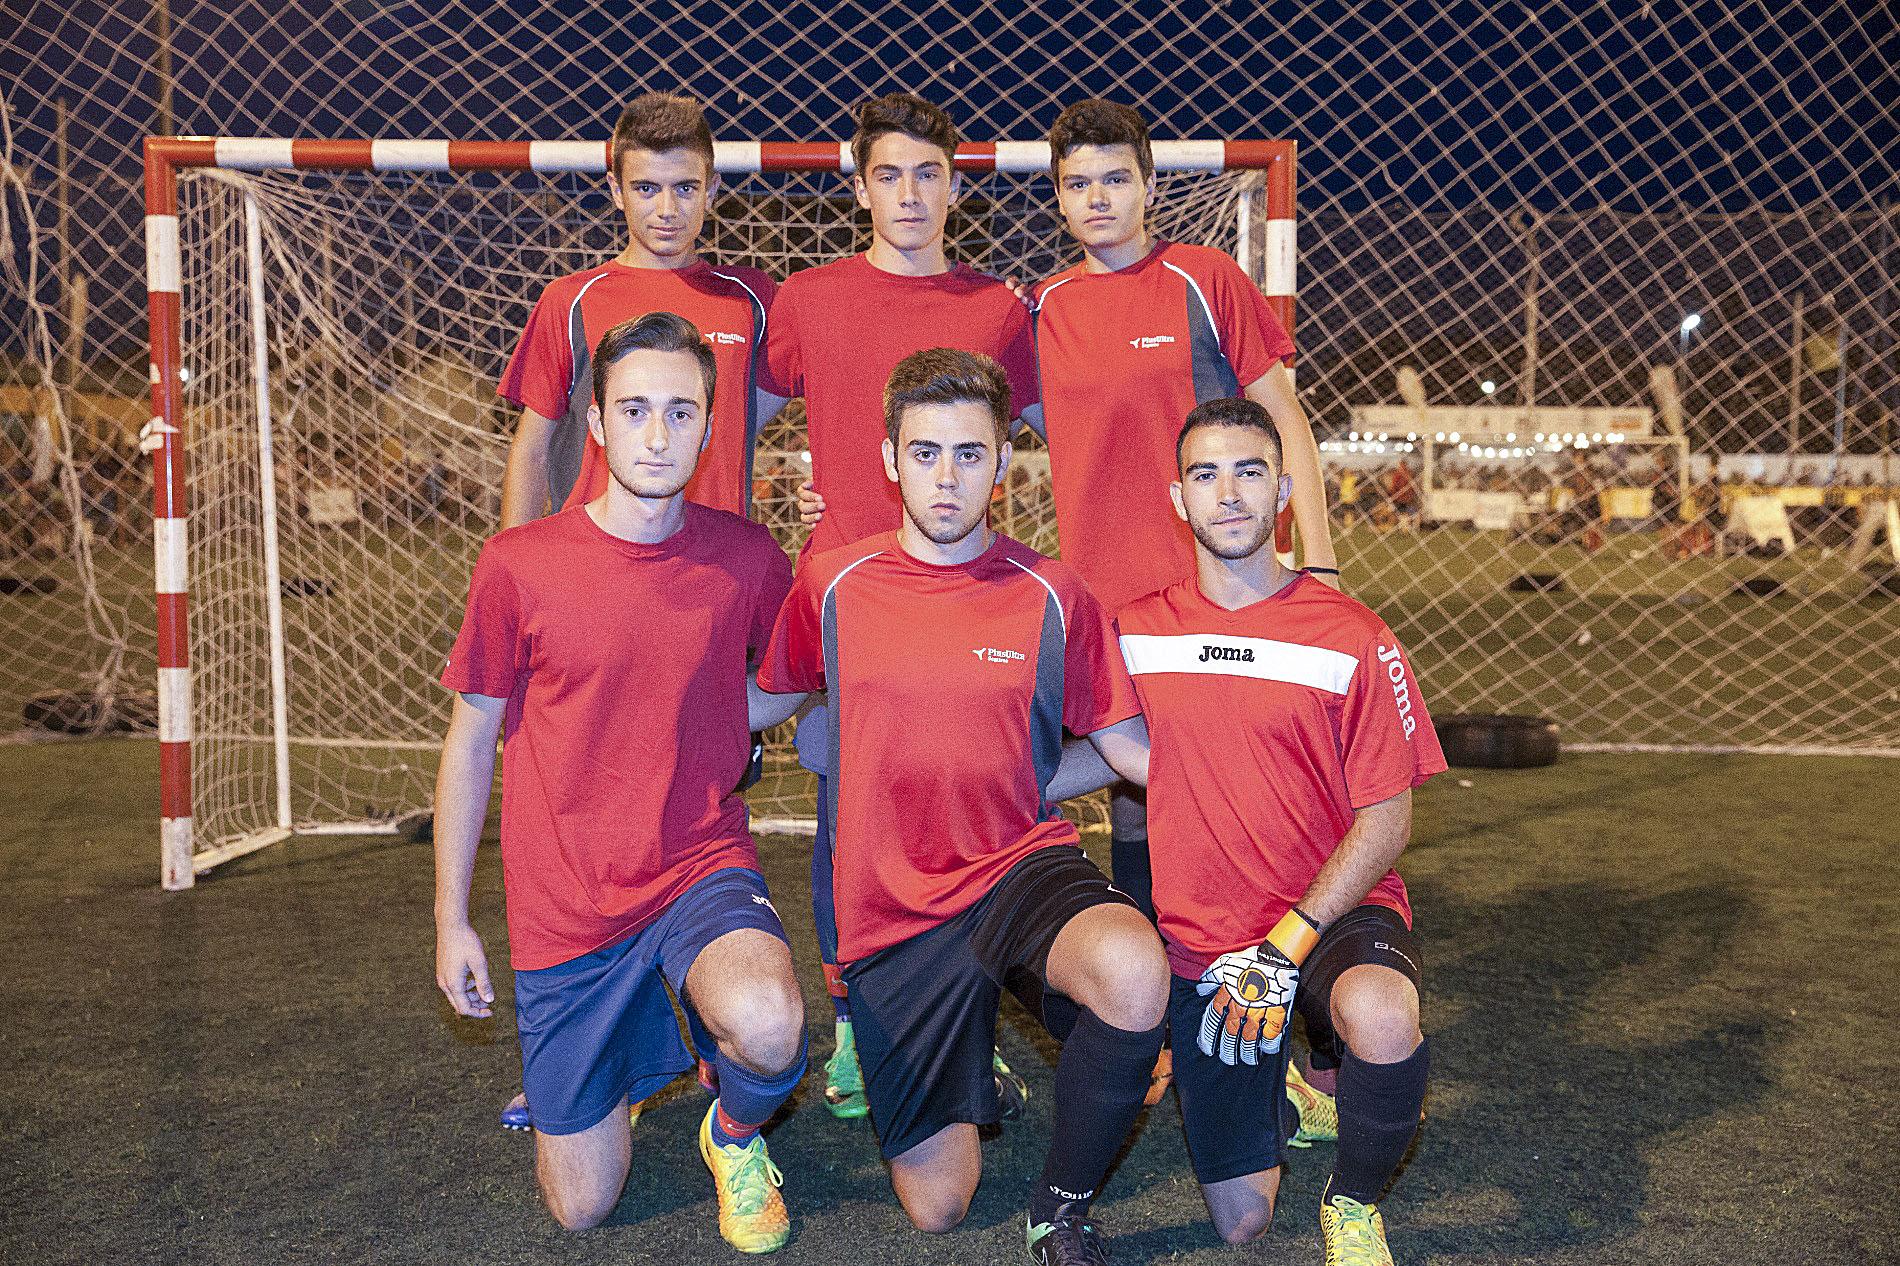 L'equip Nuguets 3 es va imposar a la final Juvenil a la tanda de penals